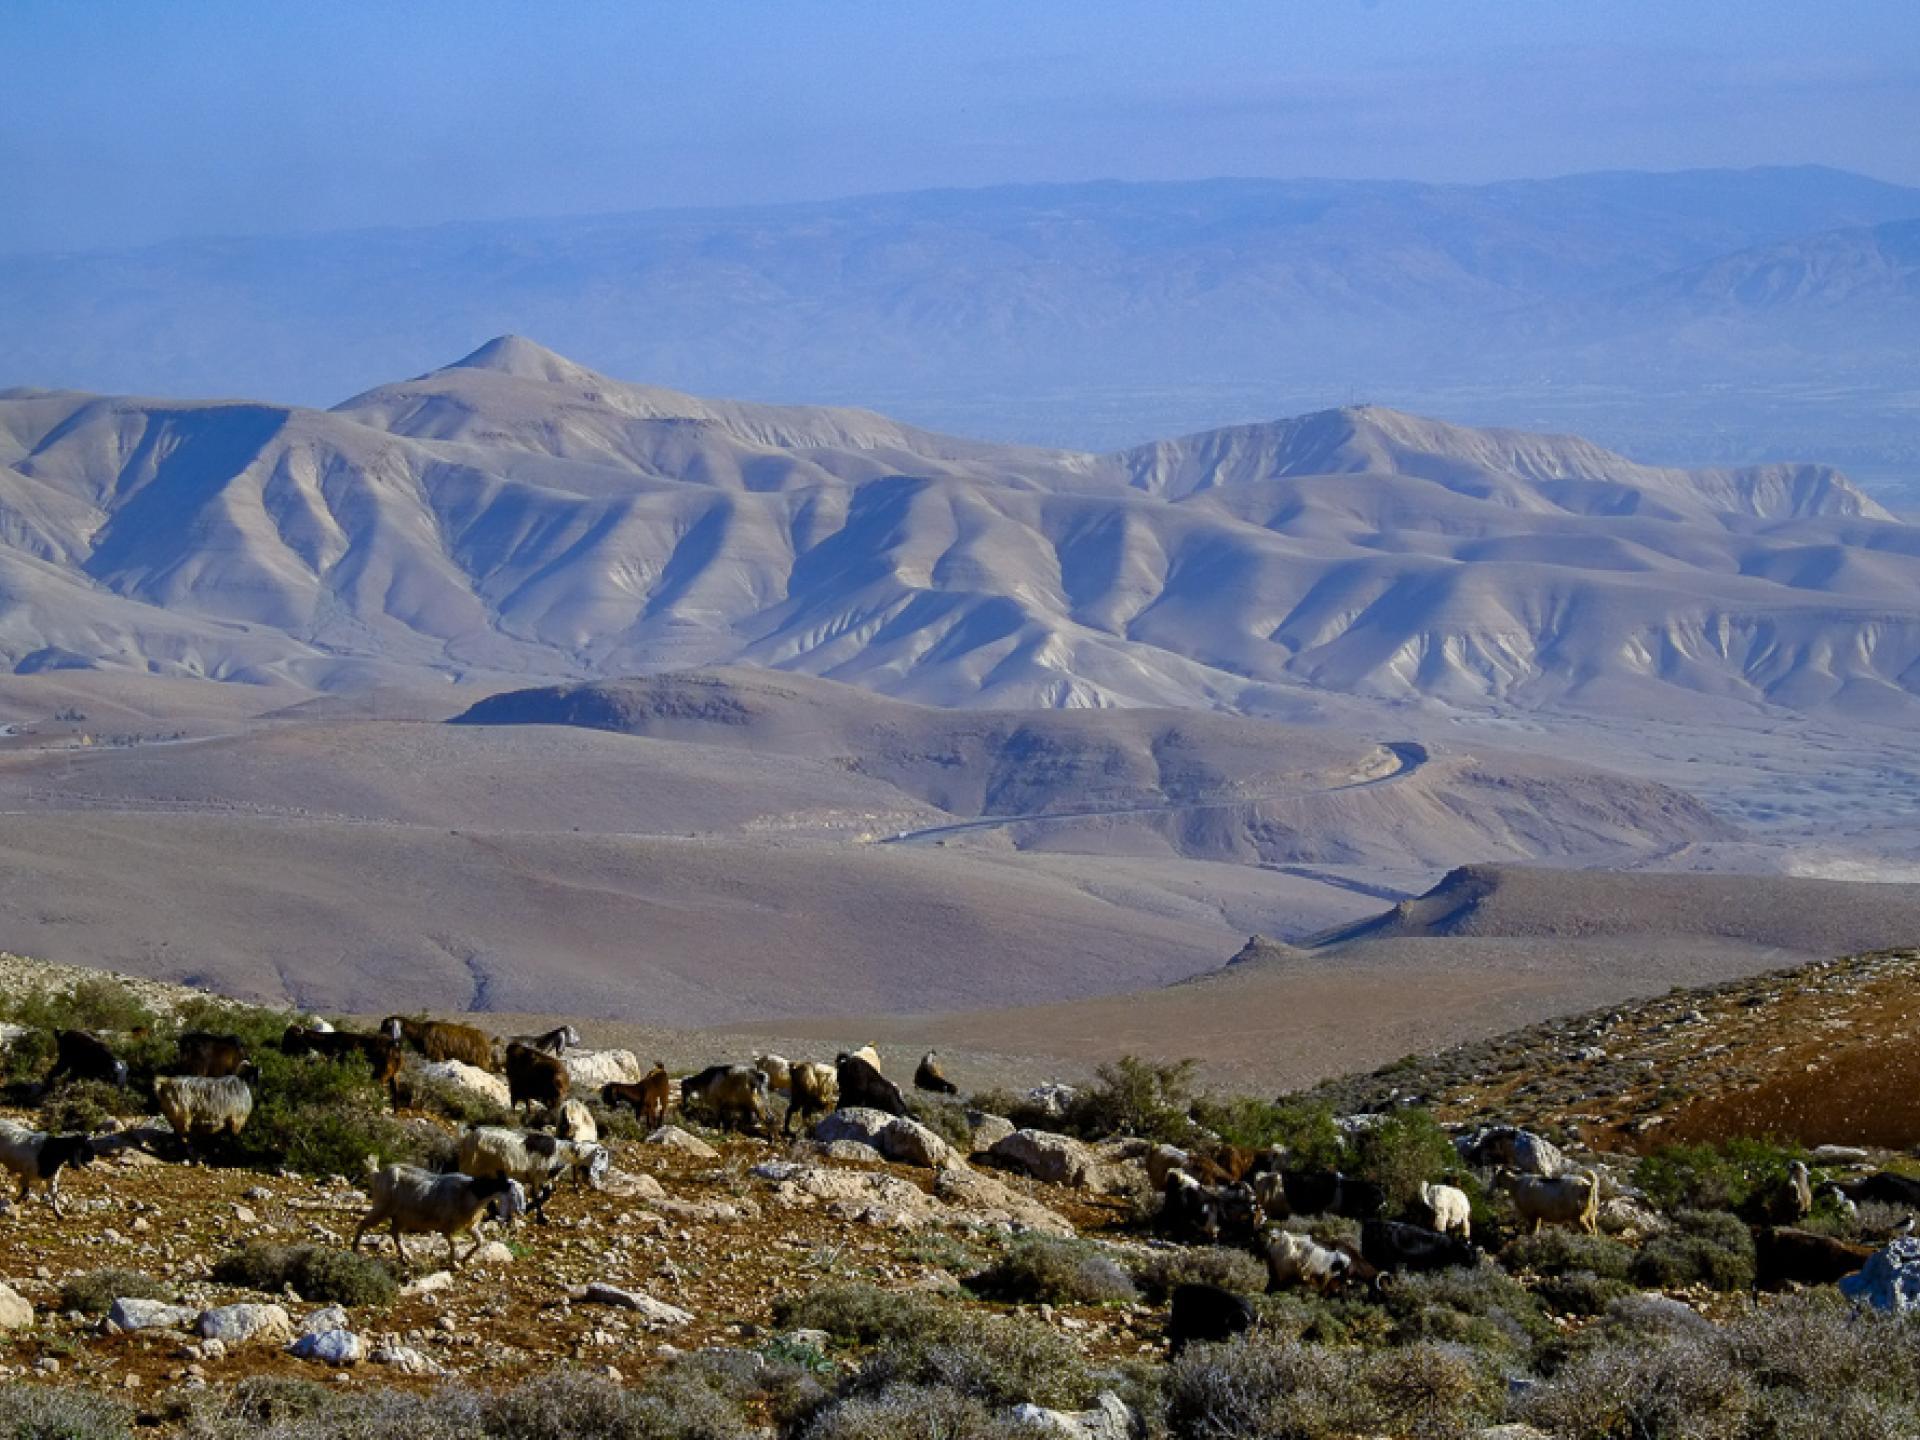 הכבשים רועות על הגבעות מעל לבקעה